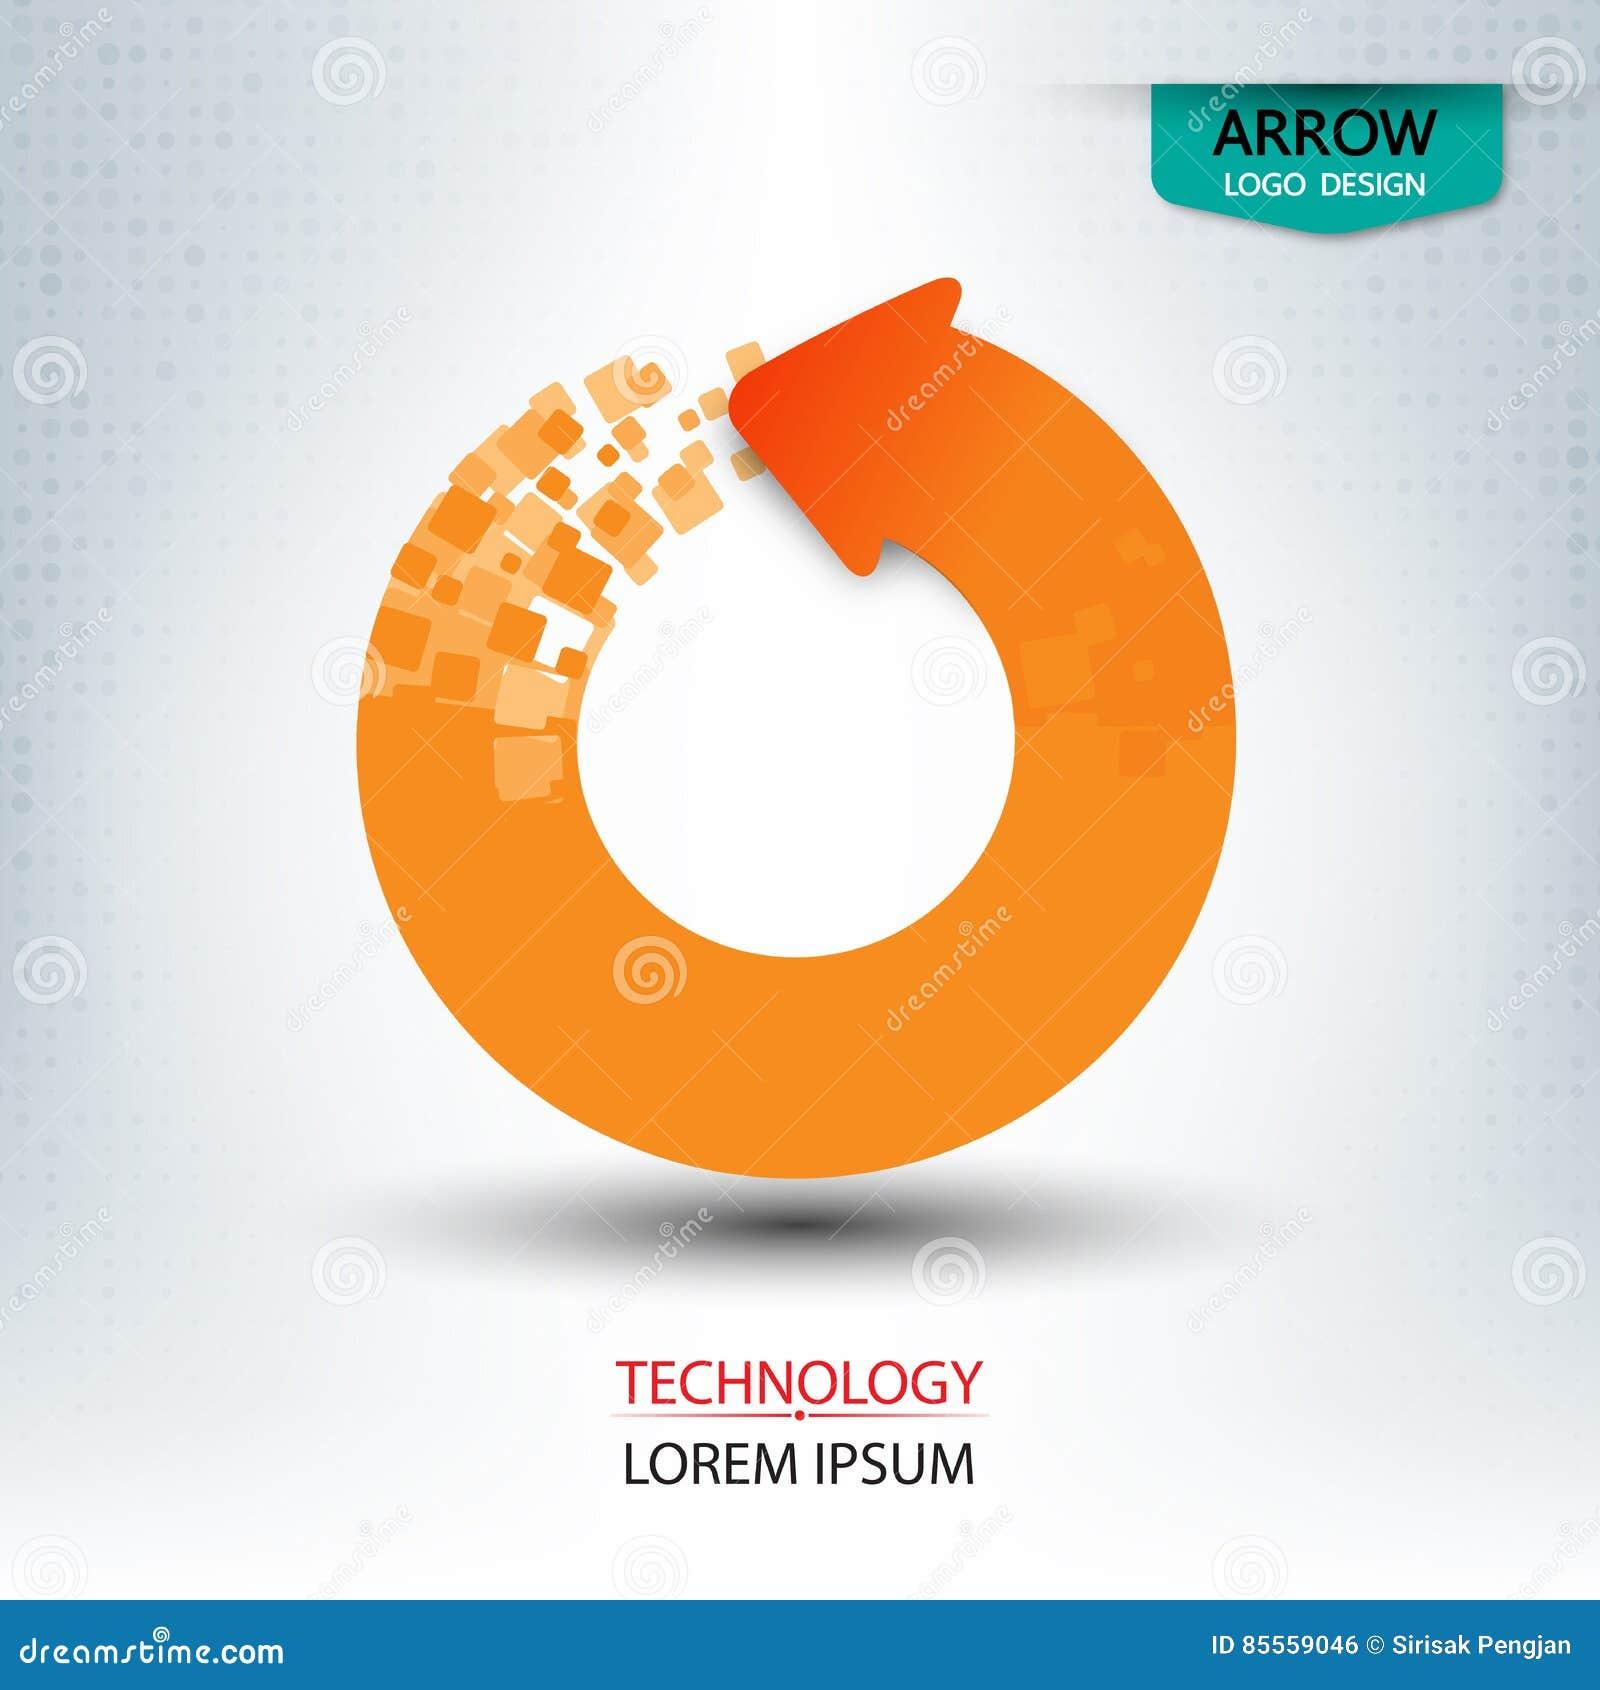 Pfeil digital und runde Form des Logodesigns